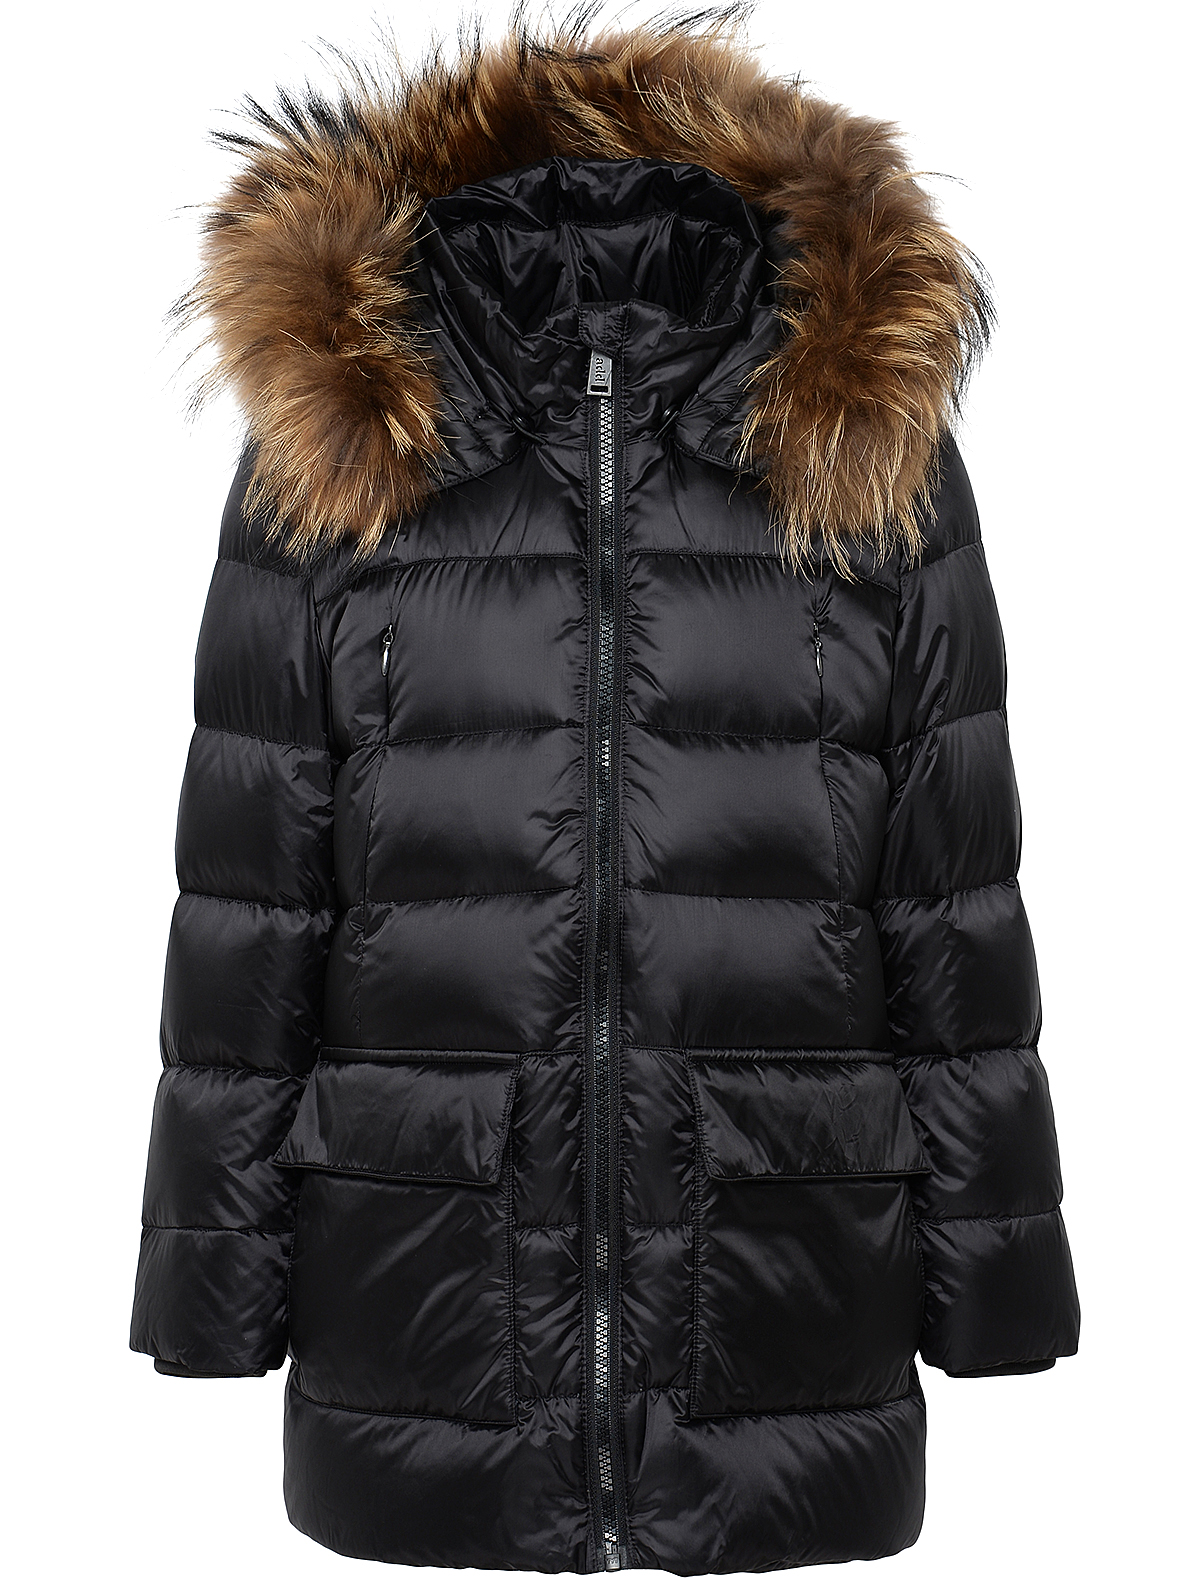 1879542, Пальто ADD, черный, Женский, 1121109780156  - купить со скидкой